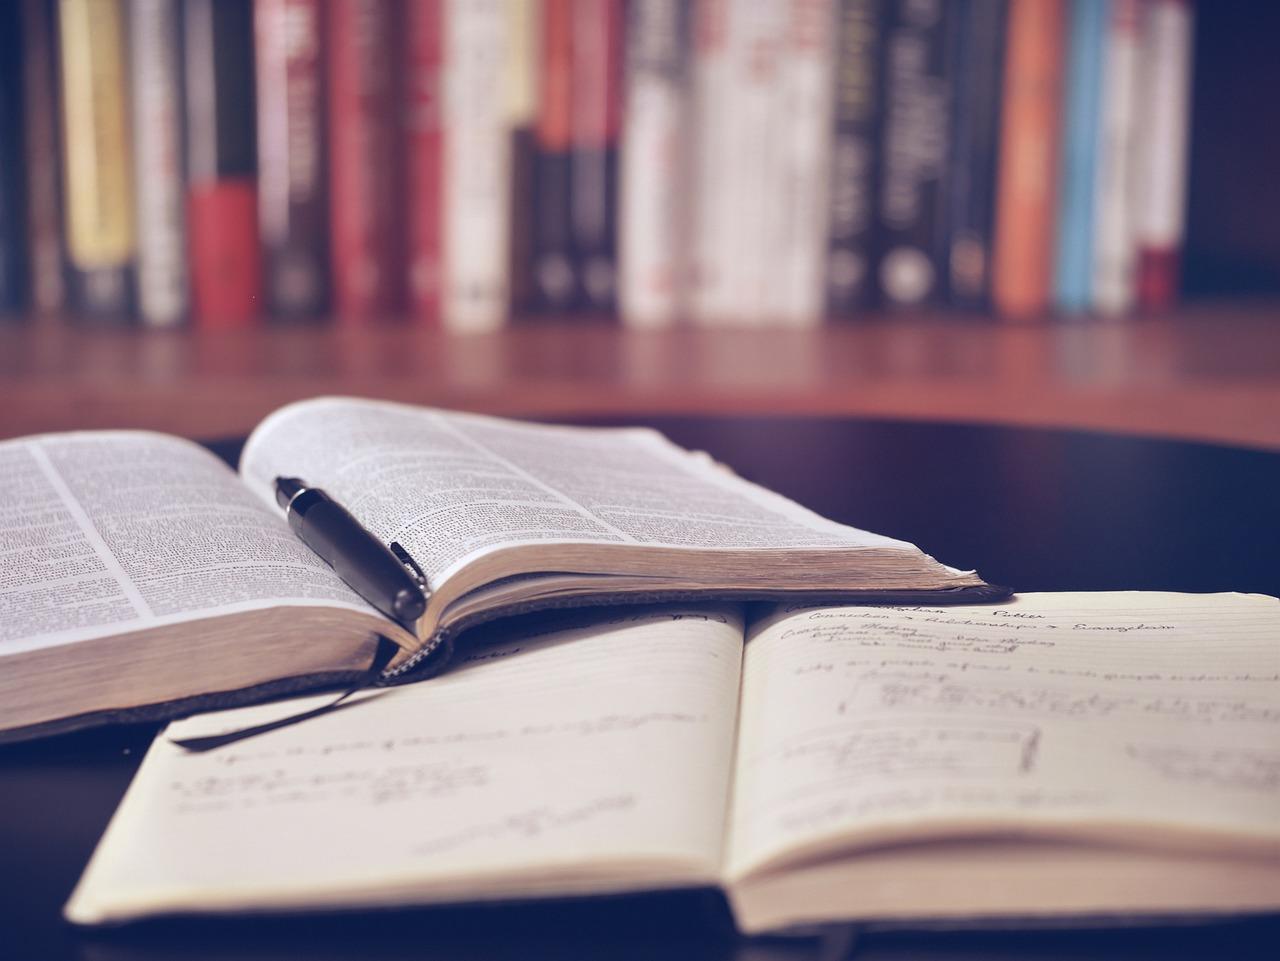 Školy náš ve většině případů učí informacím, pro které v životě nenalezneme uplatnění (Public Domain)